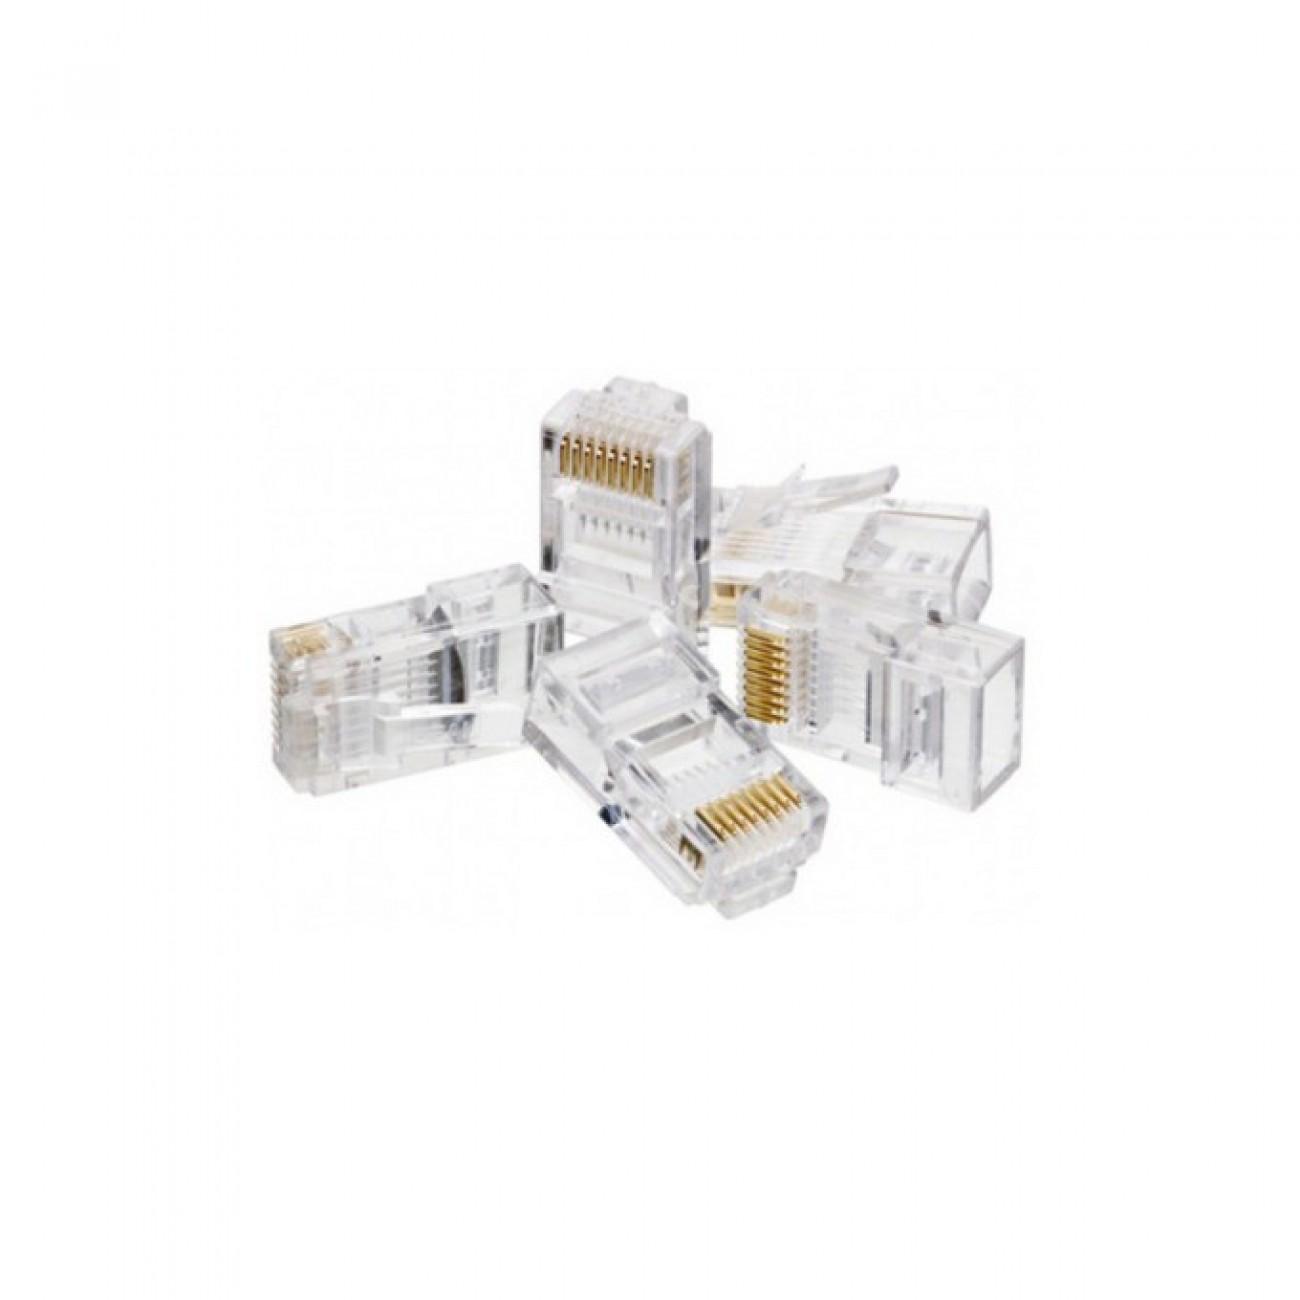 Букси RJ-45 200 бр. в пакет в Конектори за Медна мрежа -  | Alleop